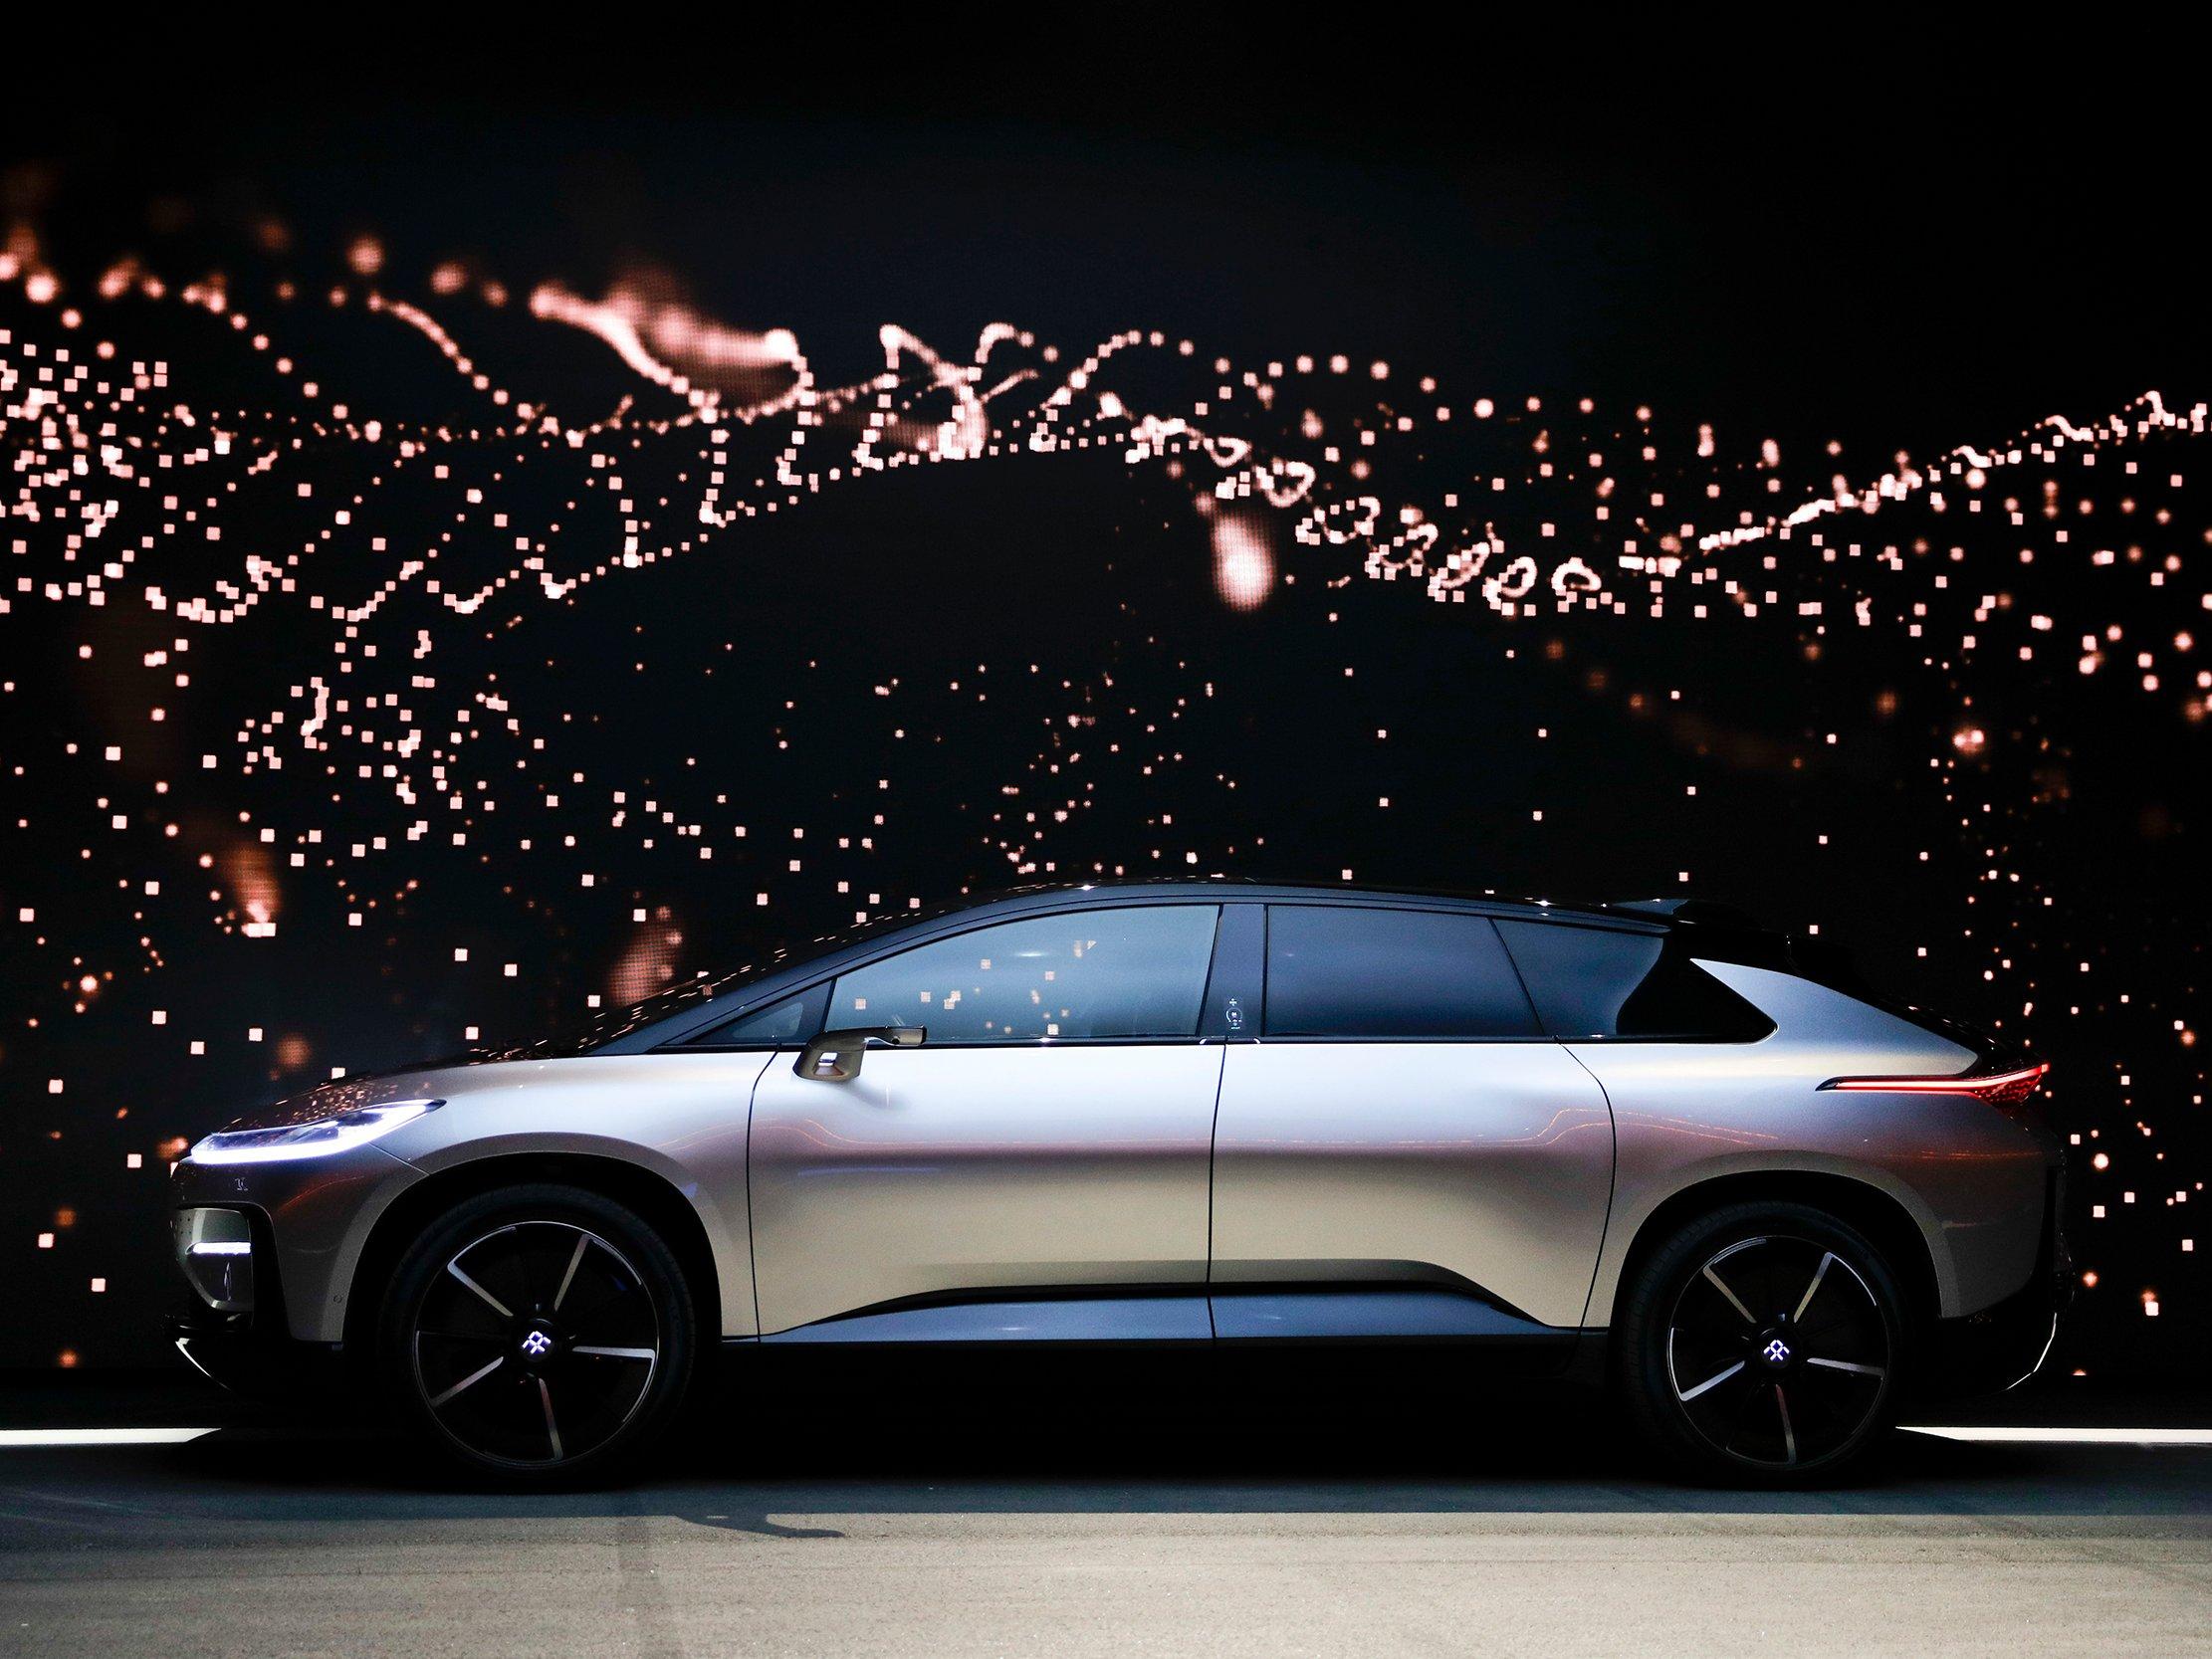 法乐第FF91概念车。图片来源/jalopnik.com